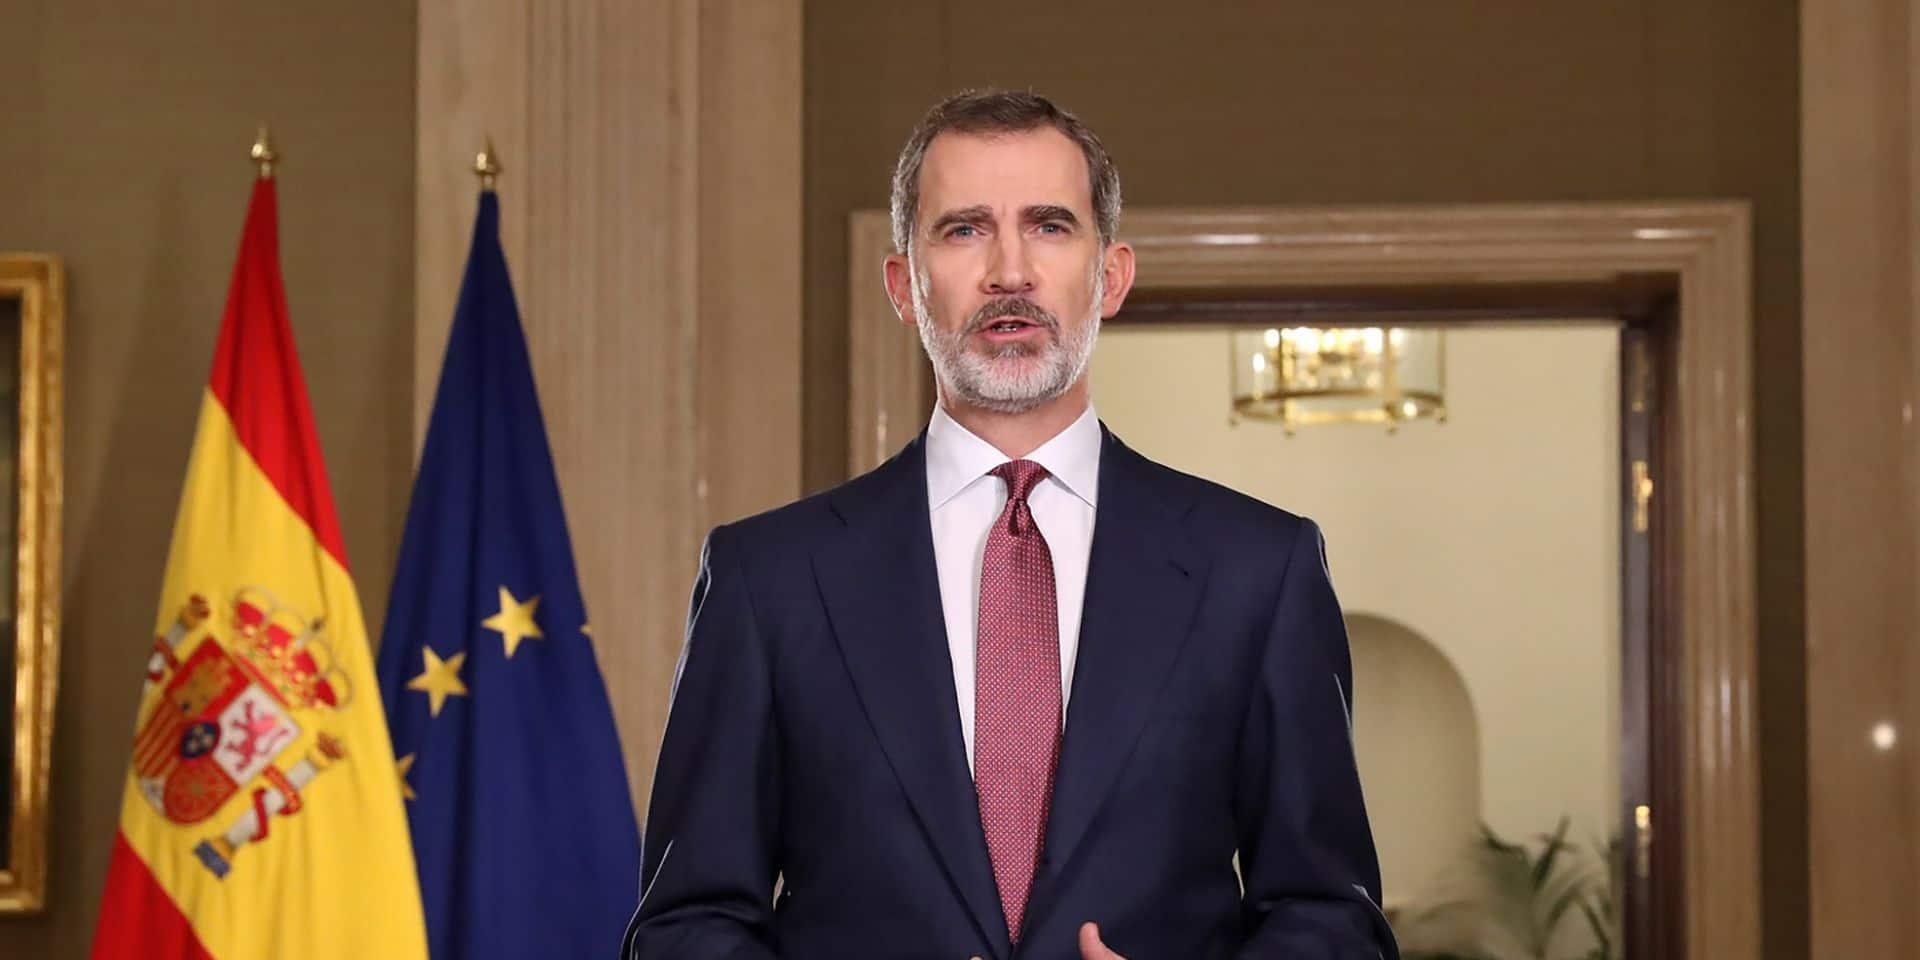 Le roi Felipe VI appelle l'Espagne à l'unité face au coronavirus